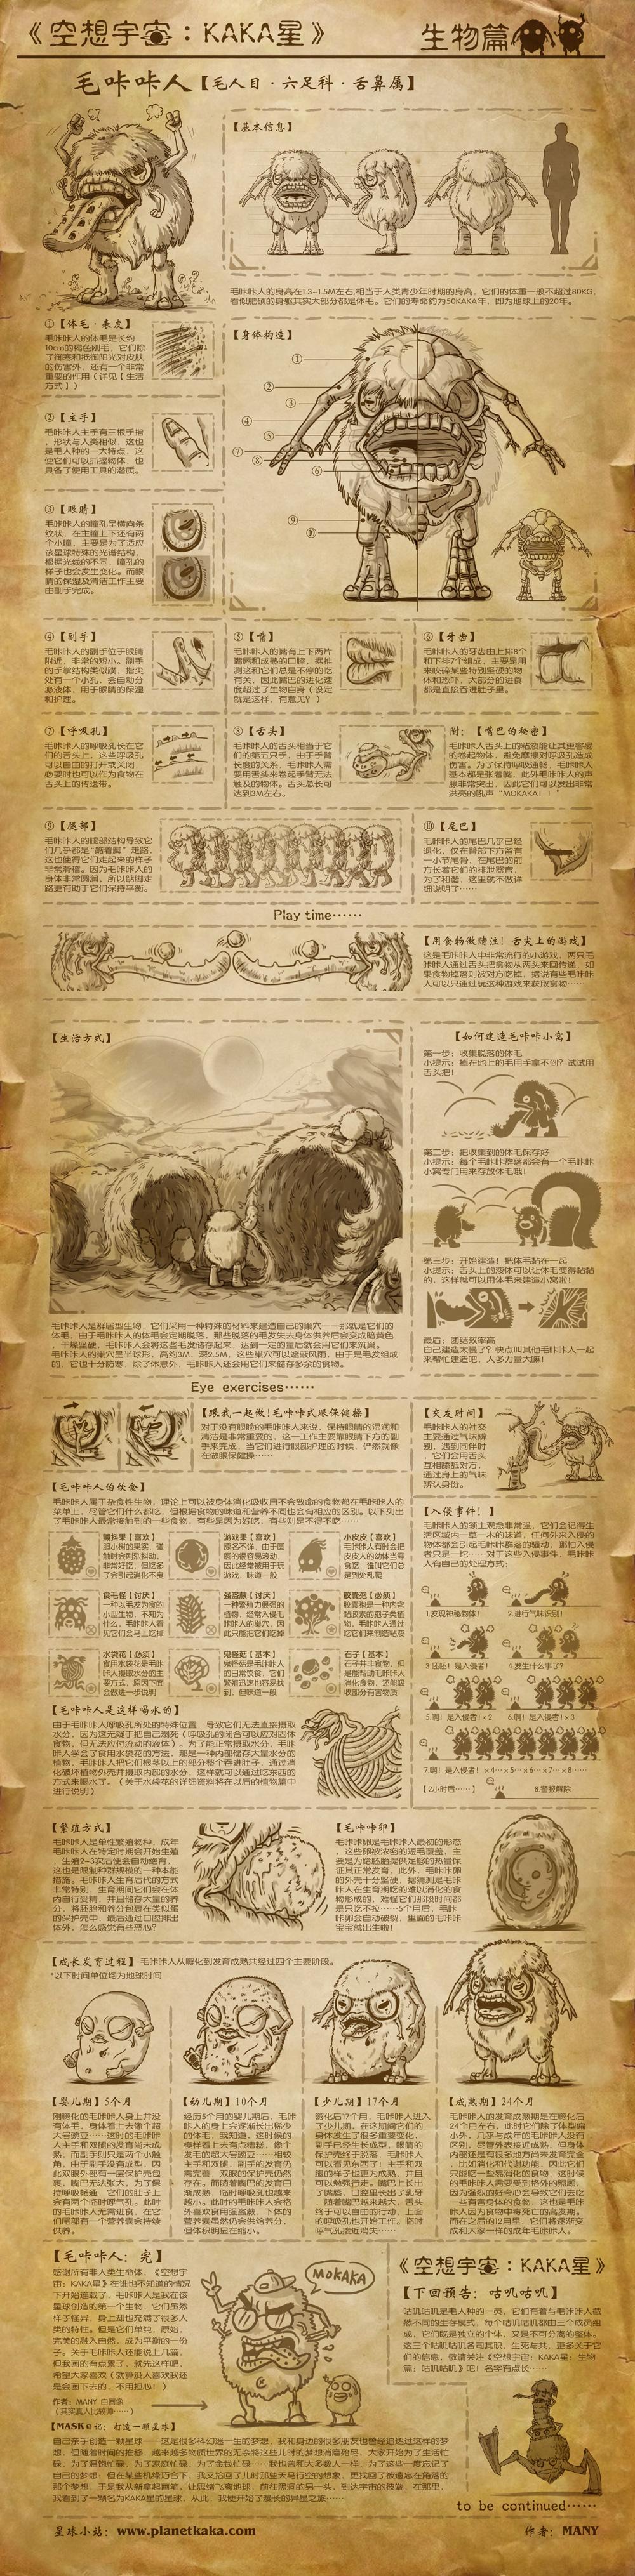 空想宇宙KAKA星:毛咔咔人